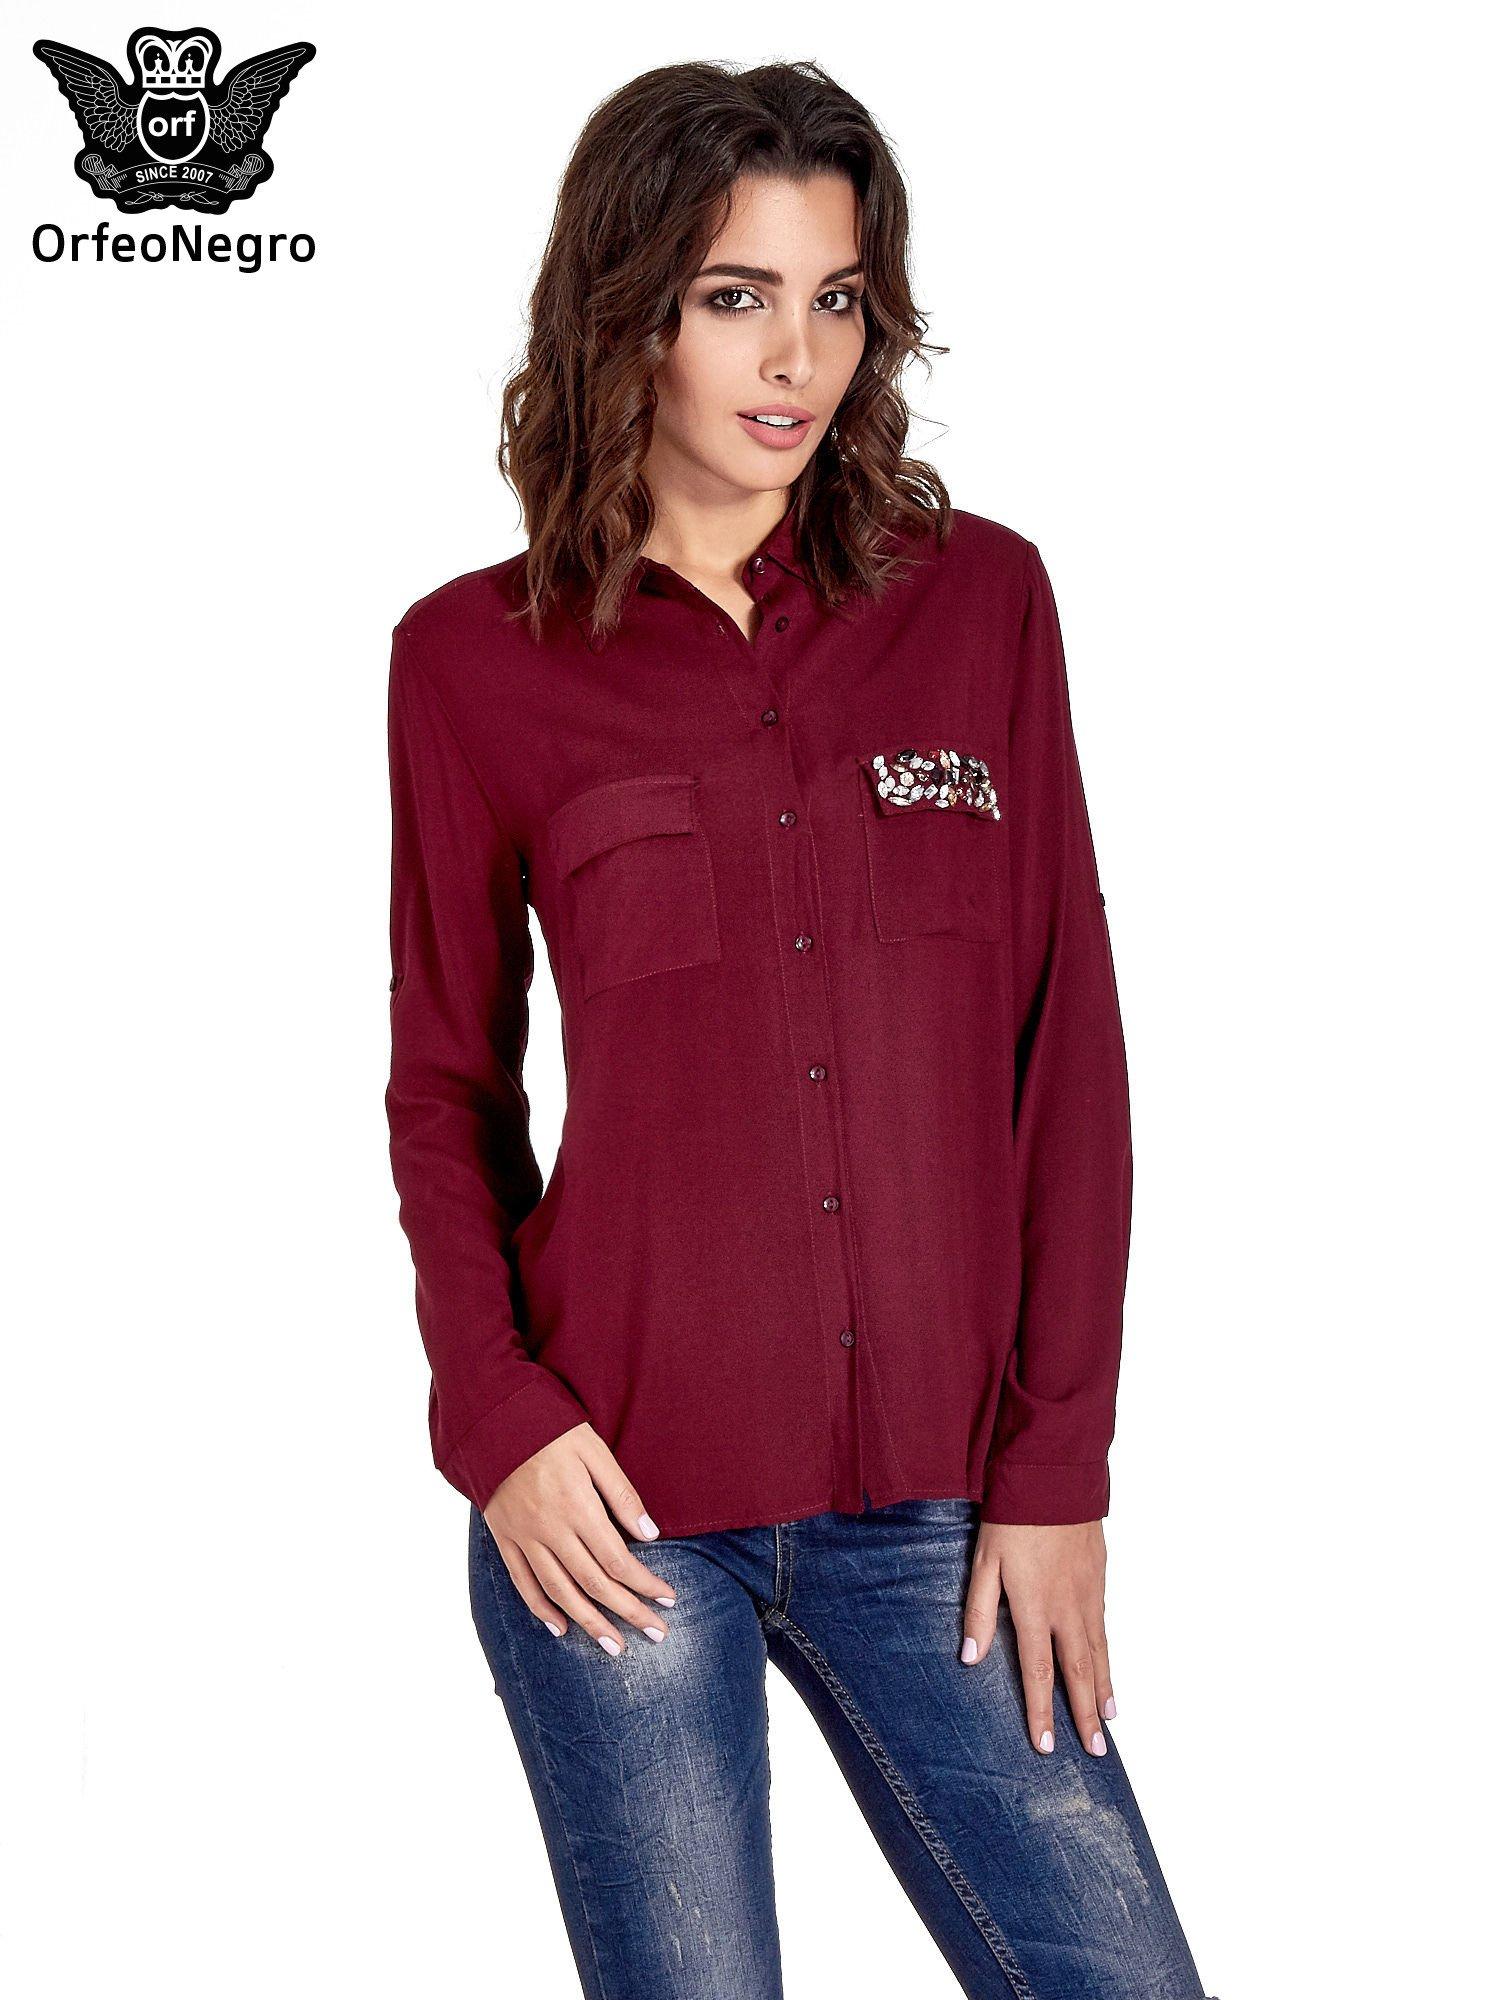 Bordowa koszula z biżuteryjną kieszonką                                  zdj.                                  1